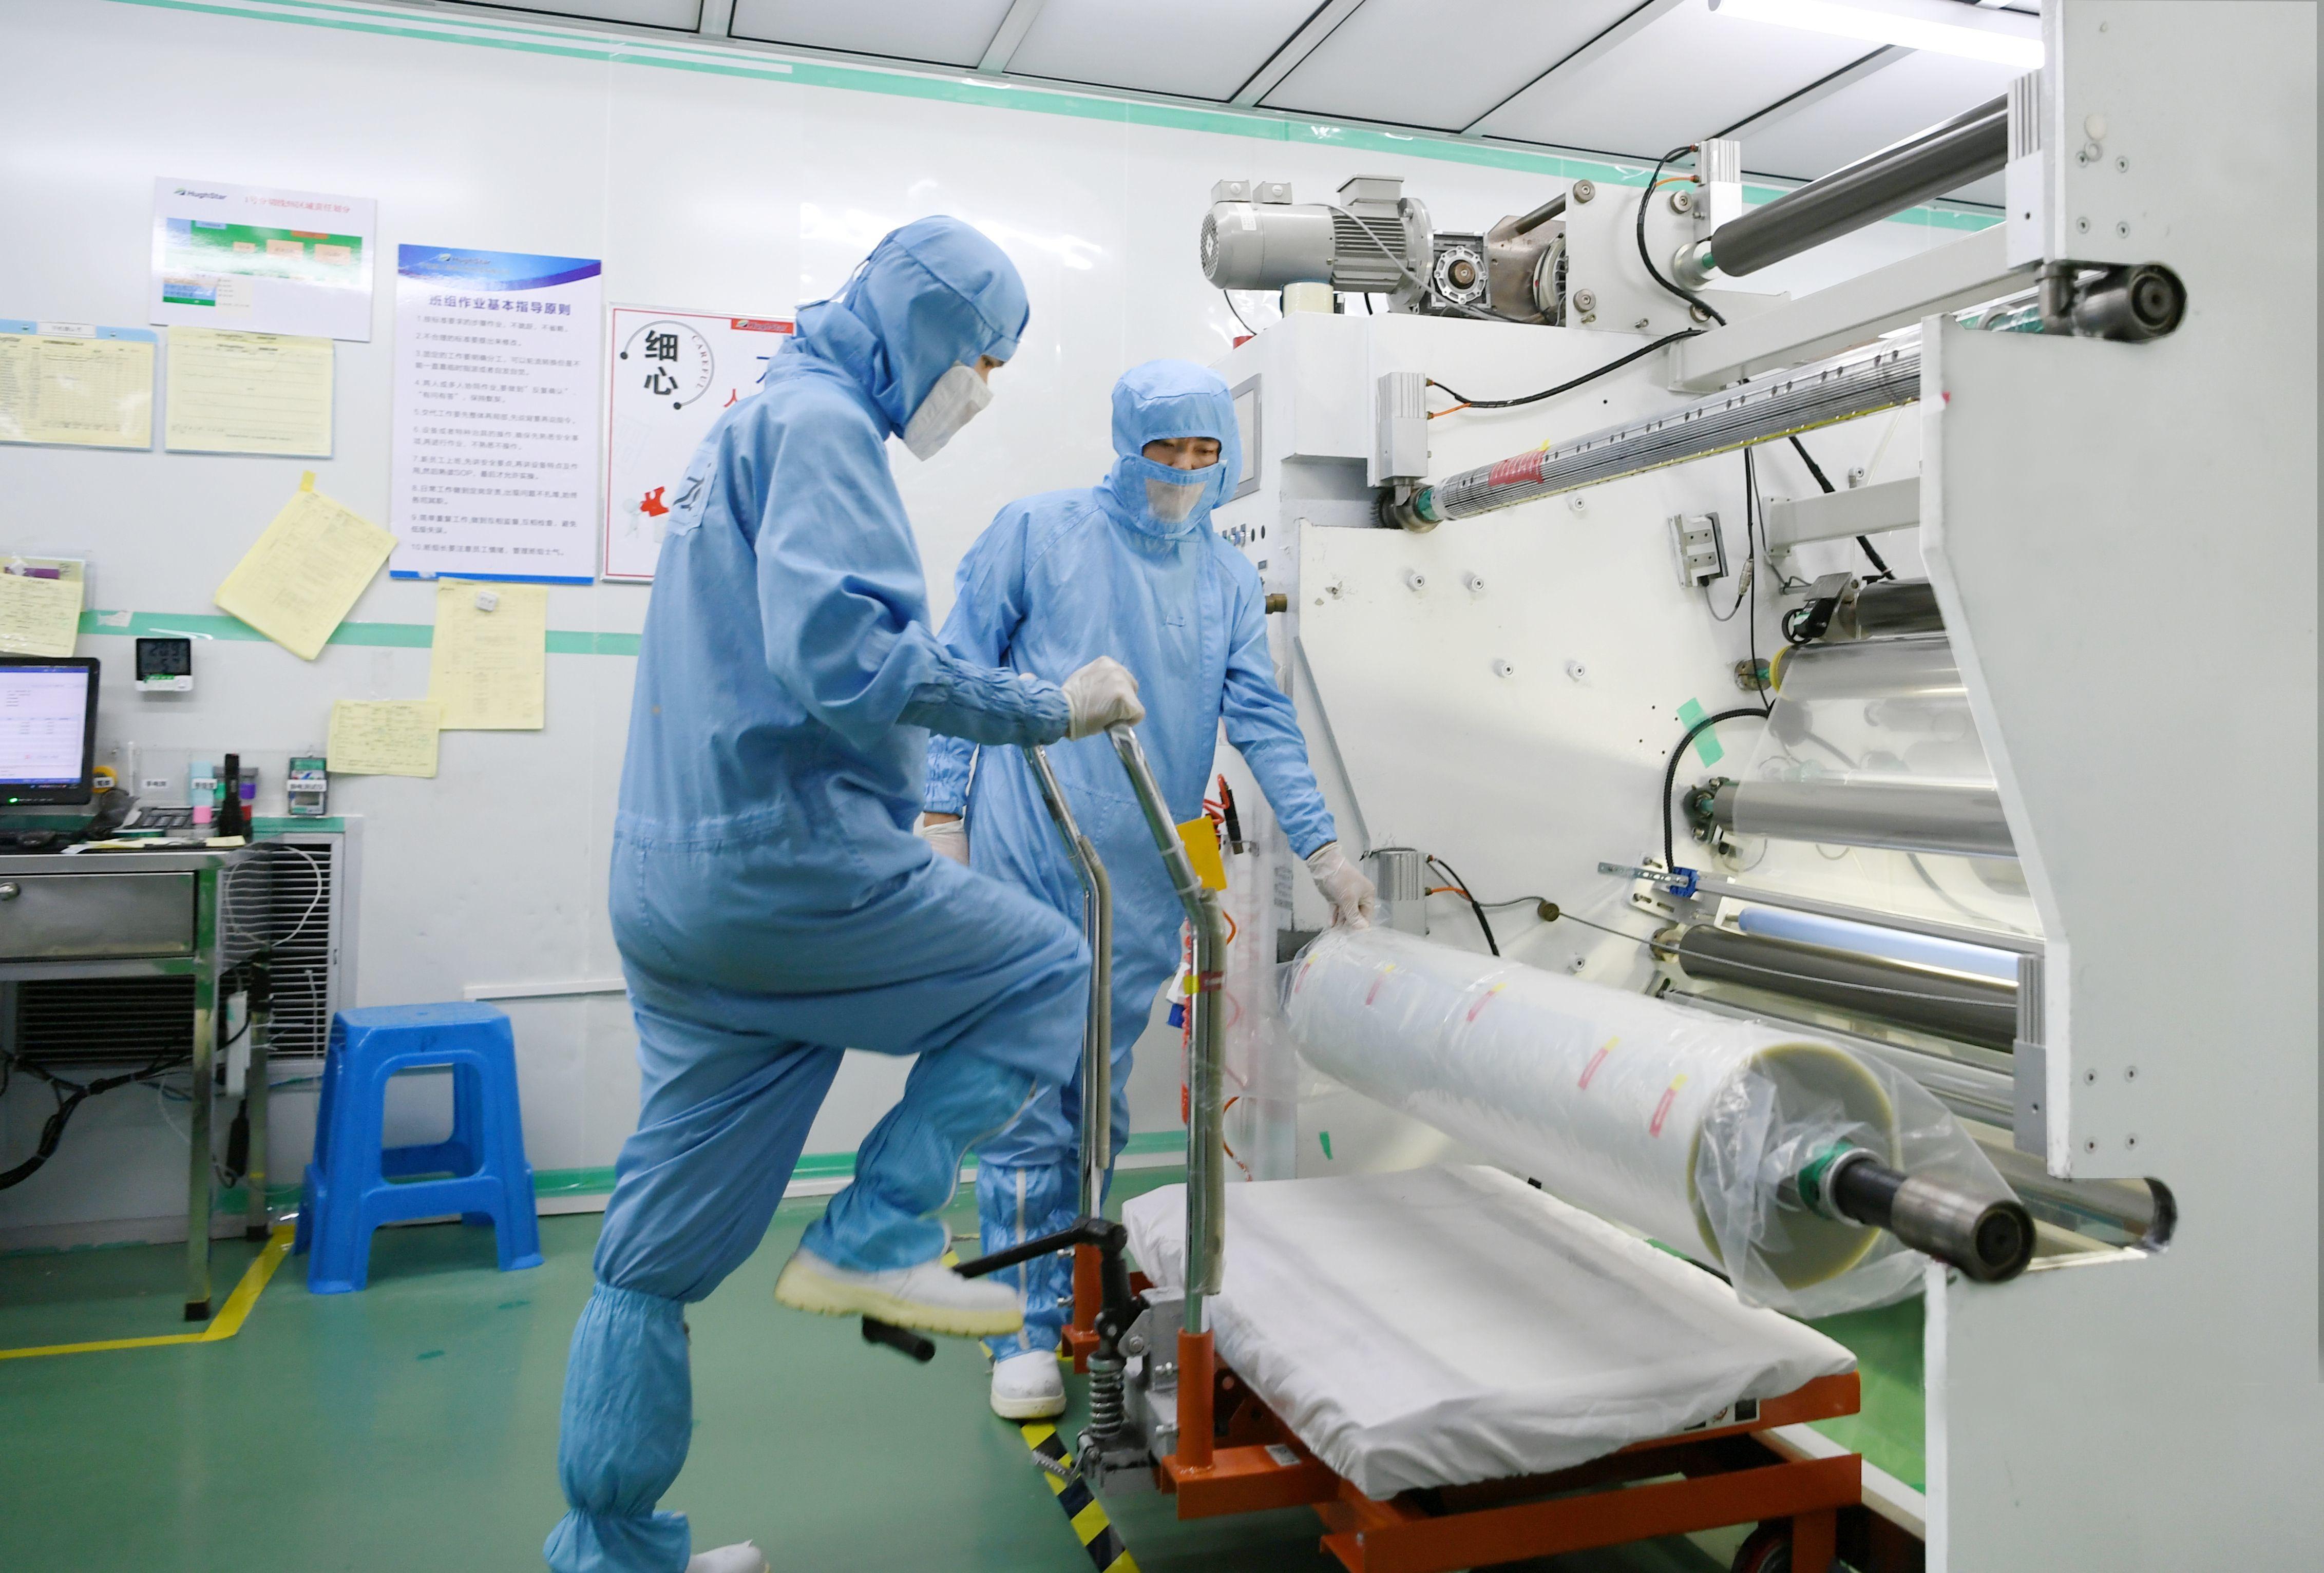 图为宁波惠之星新材料科技有限公司工人们在生产车间工作。